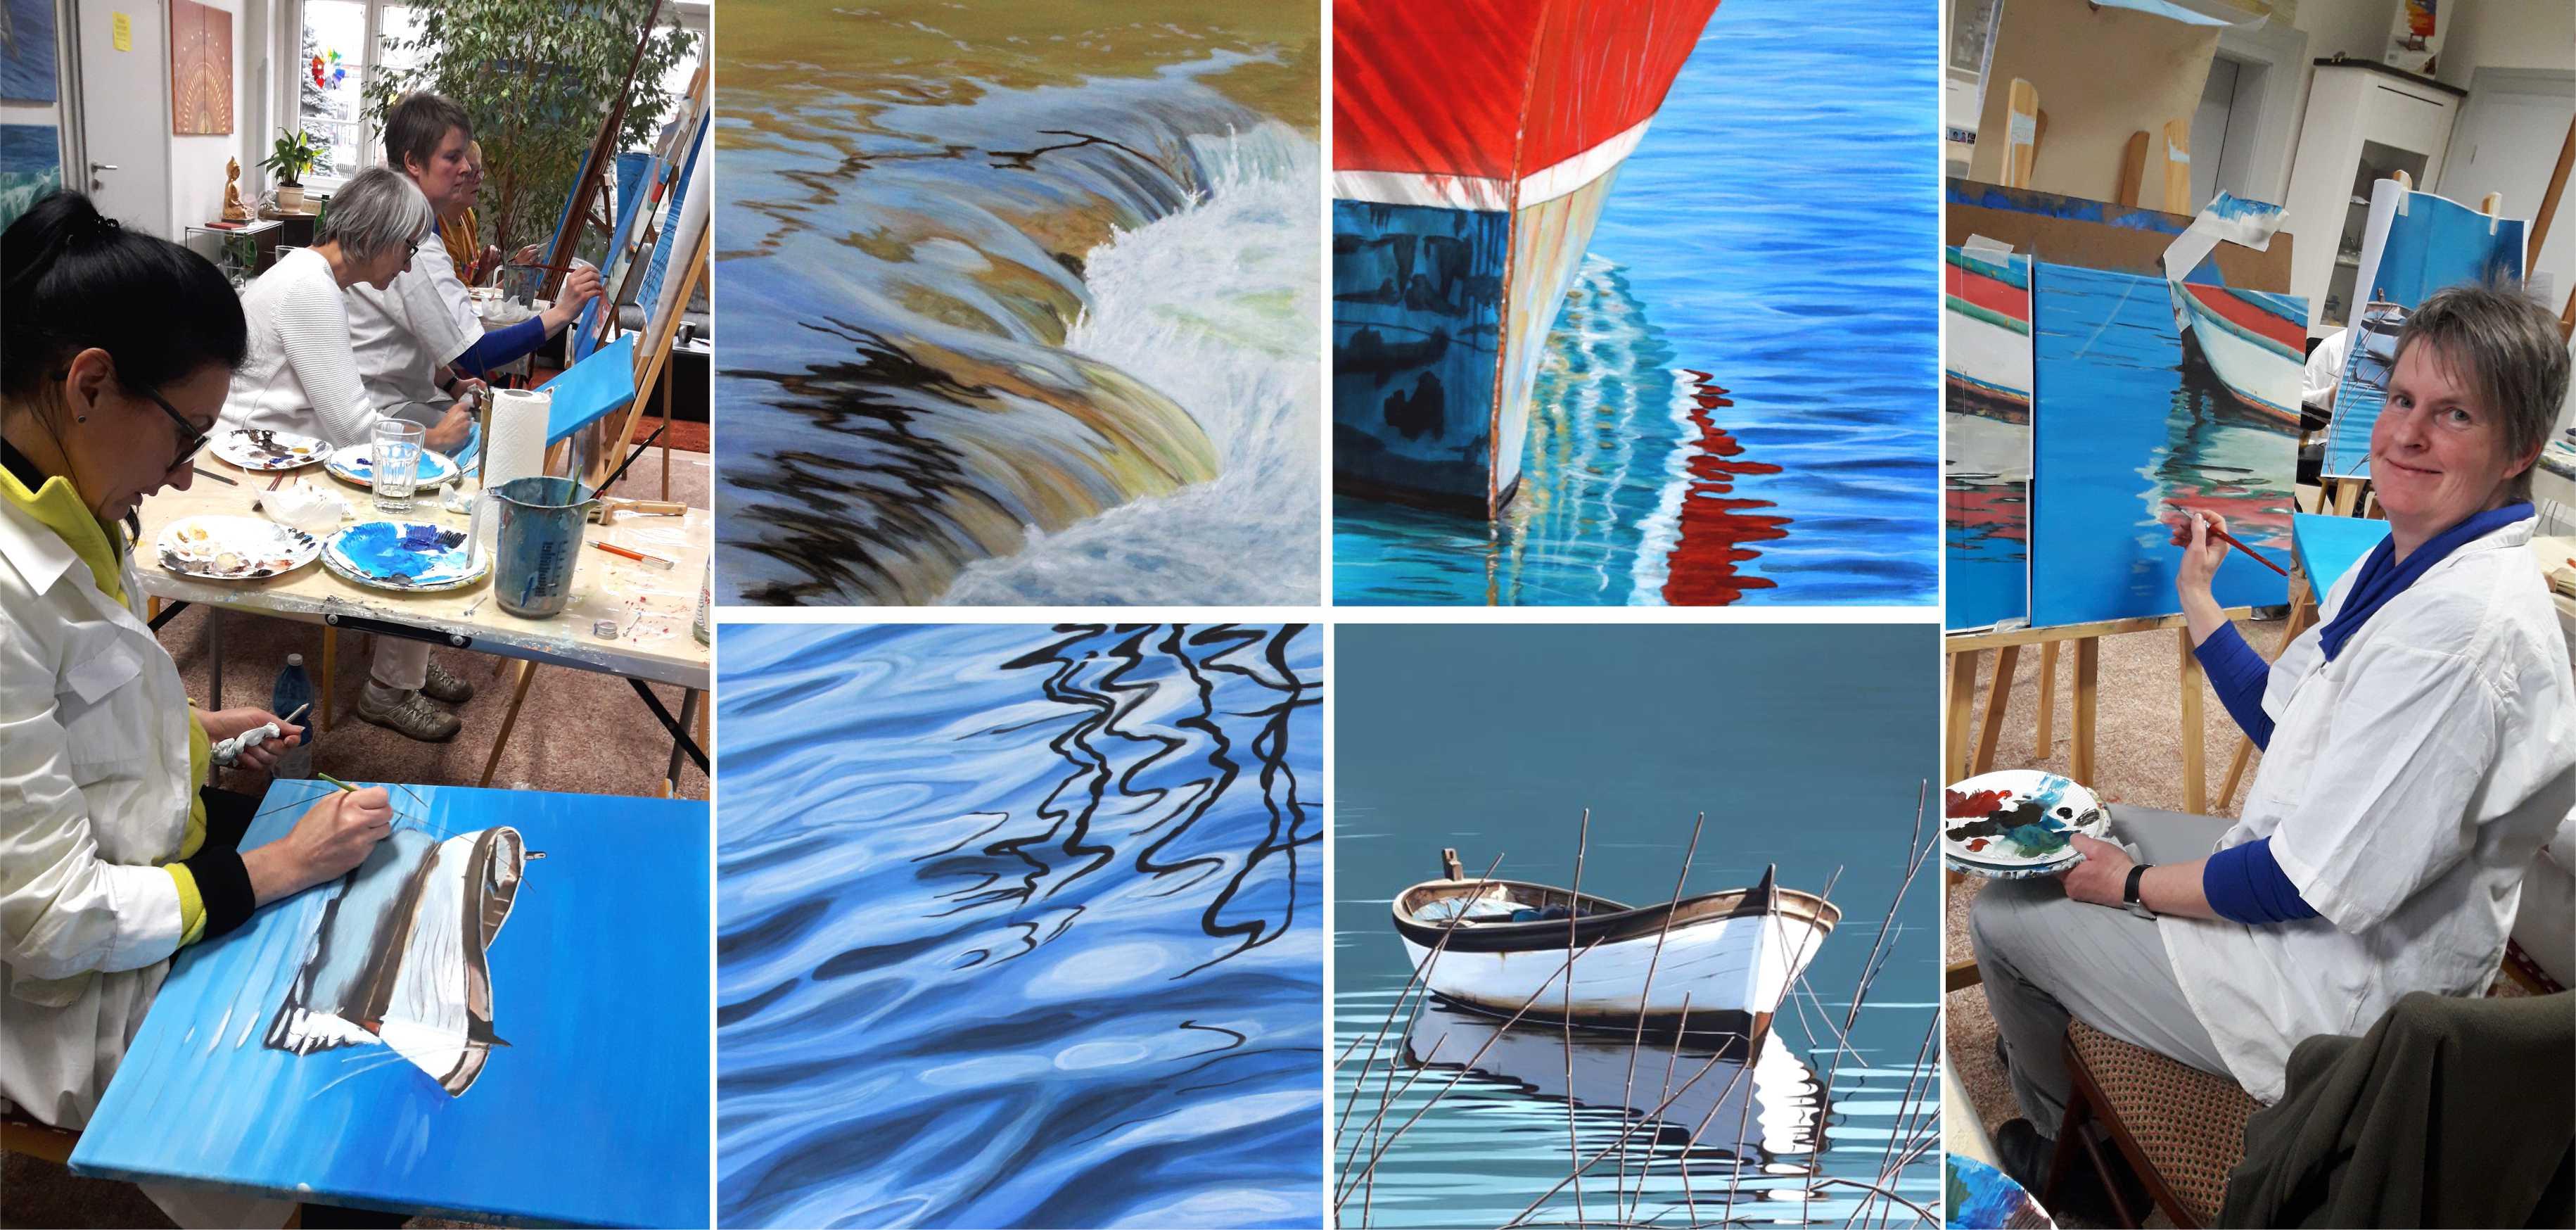 Kurs Wasserspiegelungen für Künstler, Kunstakademie Wertheim, Akademie für Fotorealismus, Atelier Leoni